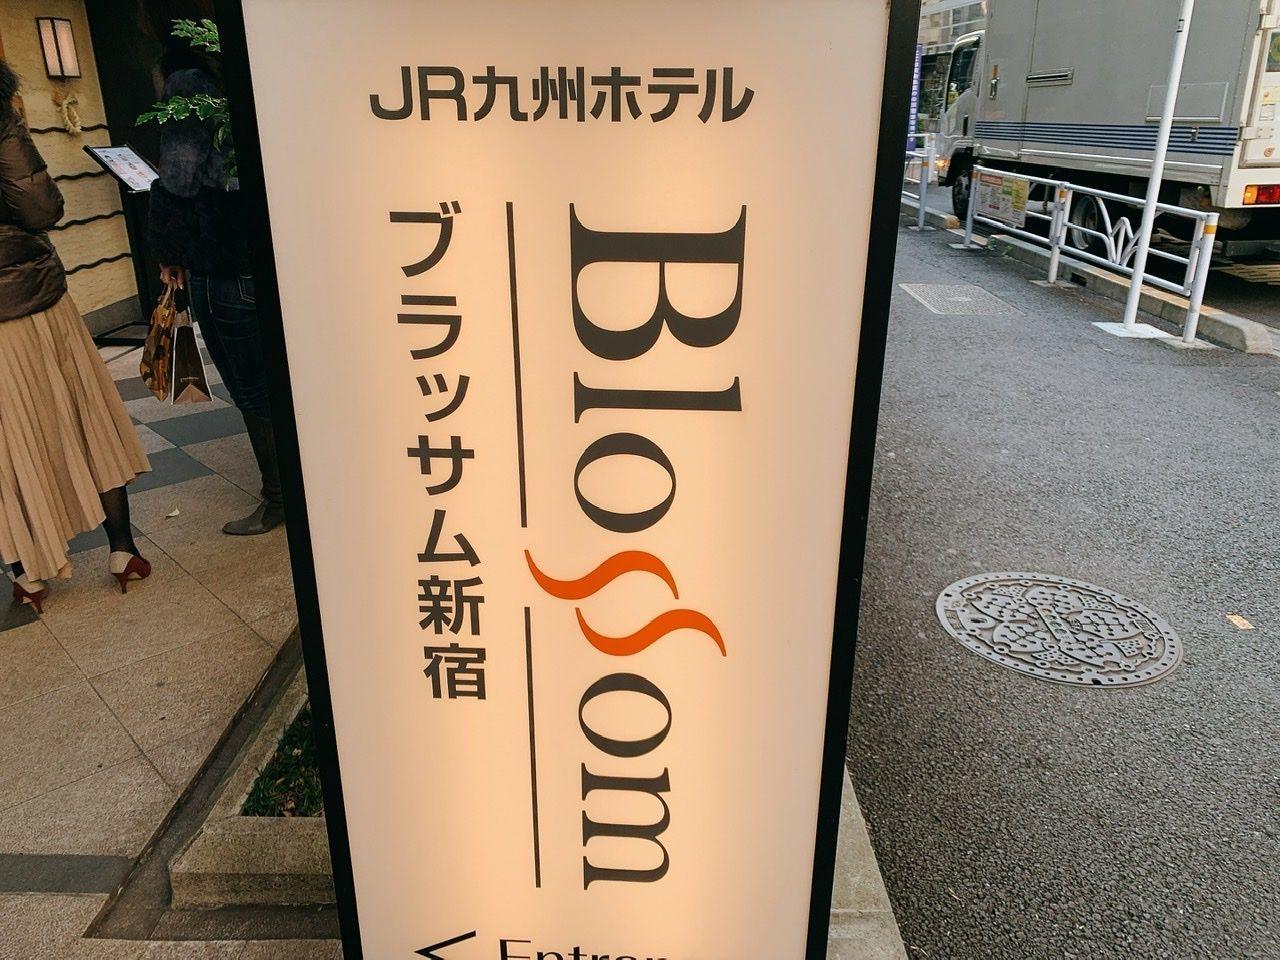 【新宿】これは素敵すぎ!都心を臨むバスルームが人気の穴場ホテル♡の画像